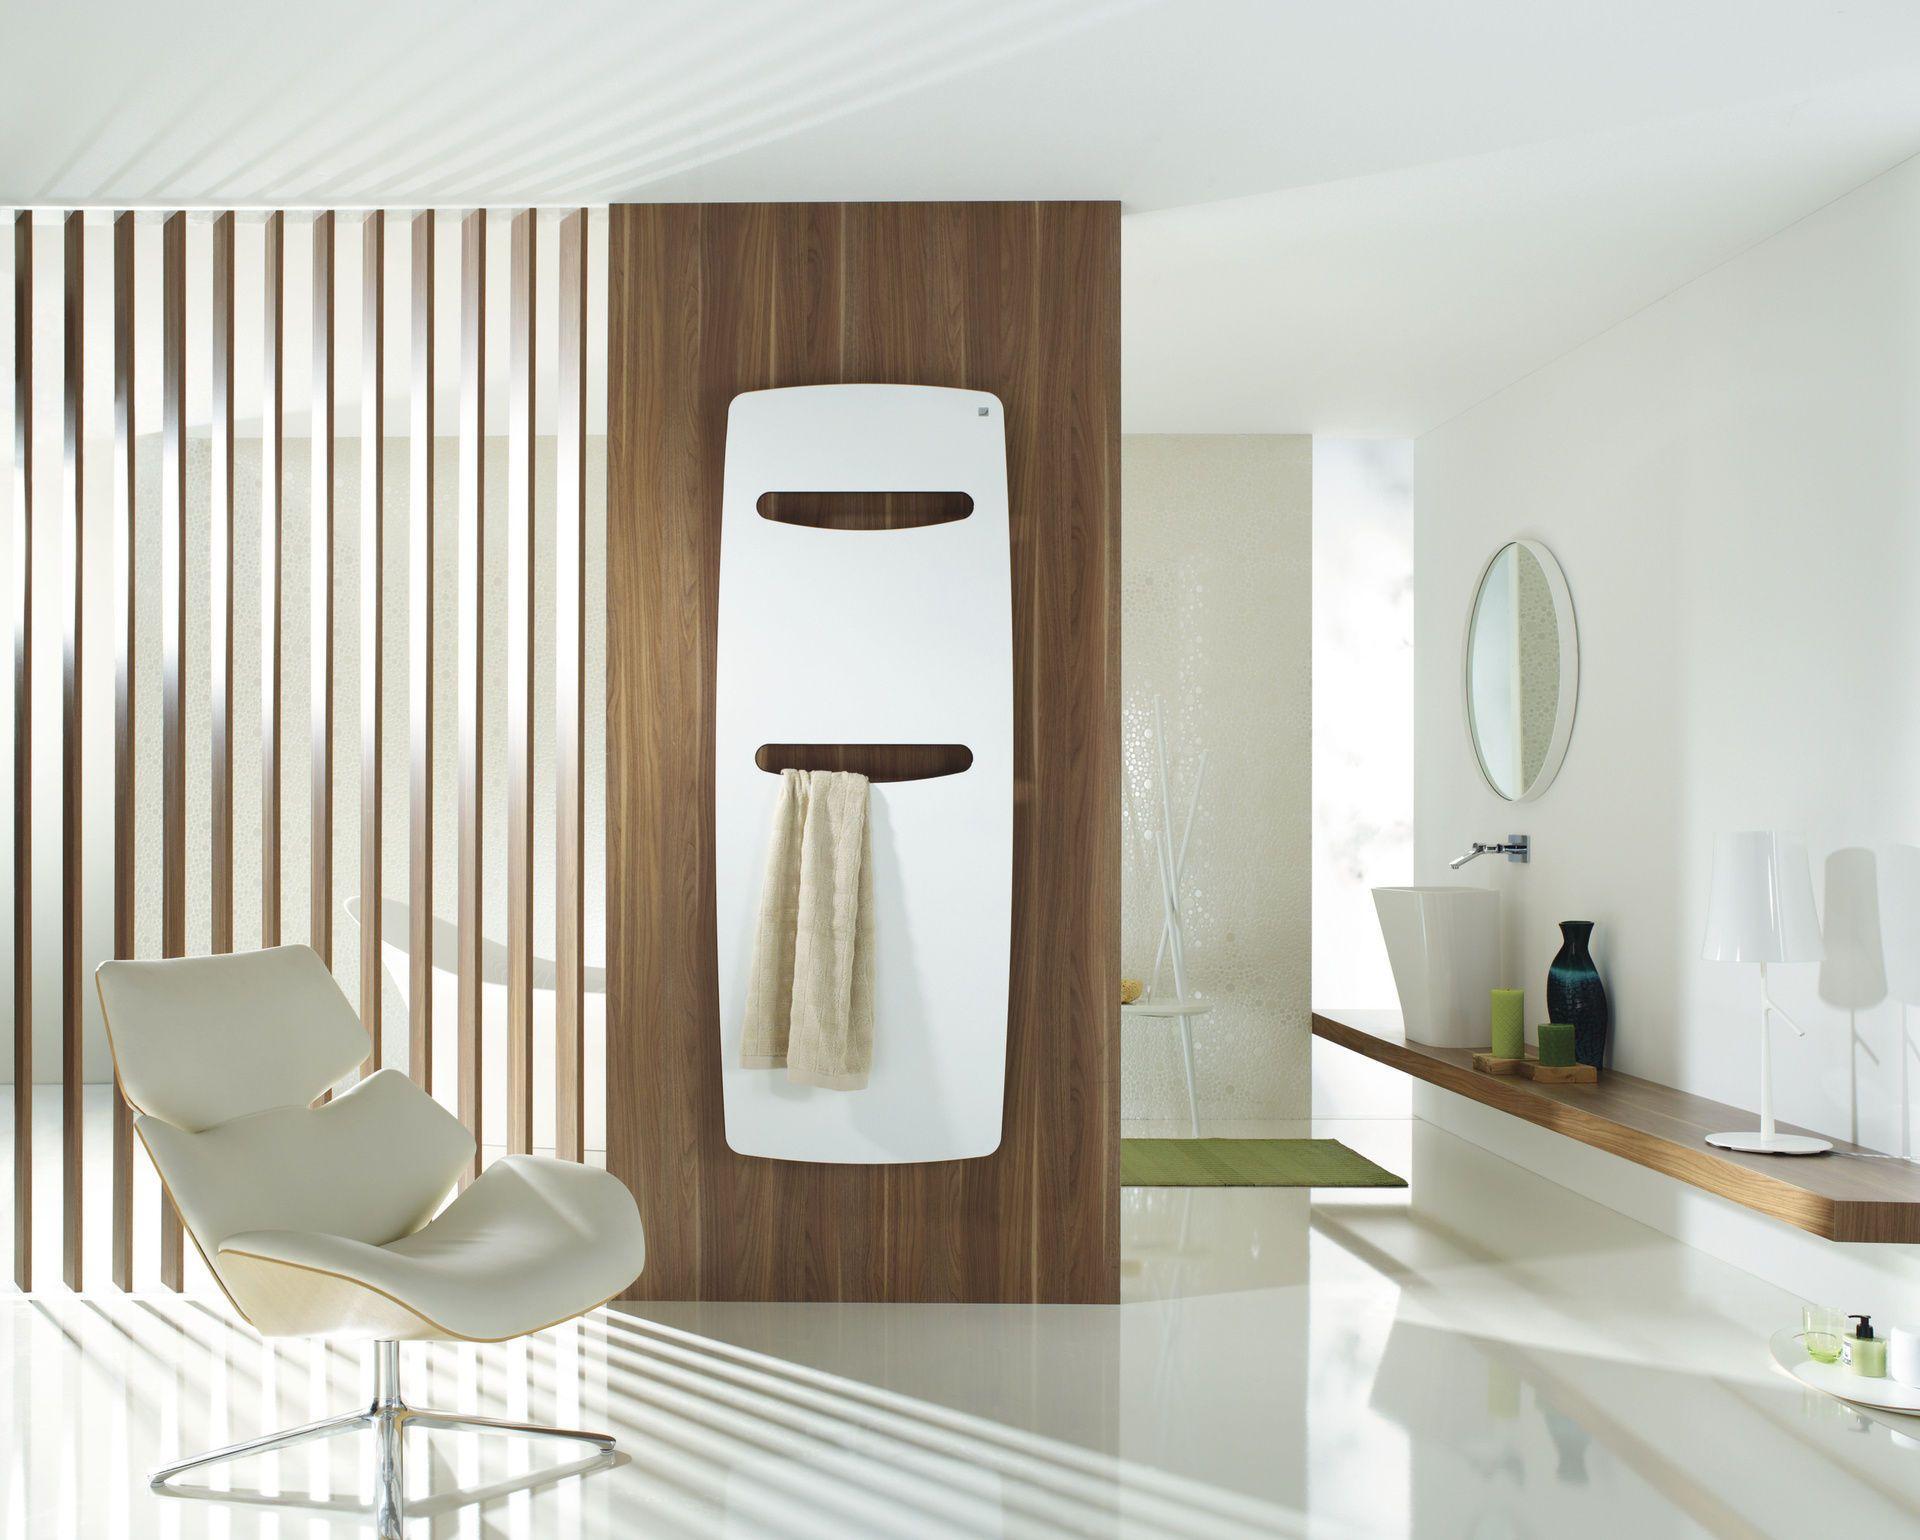 Handtuchheizkörper Kleines Bad